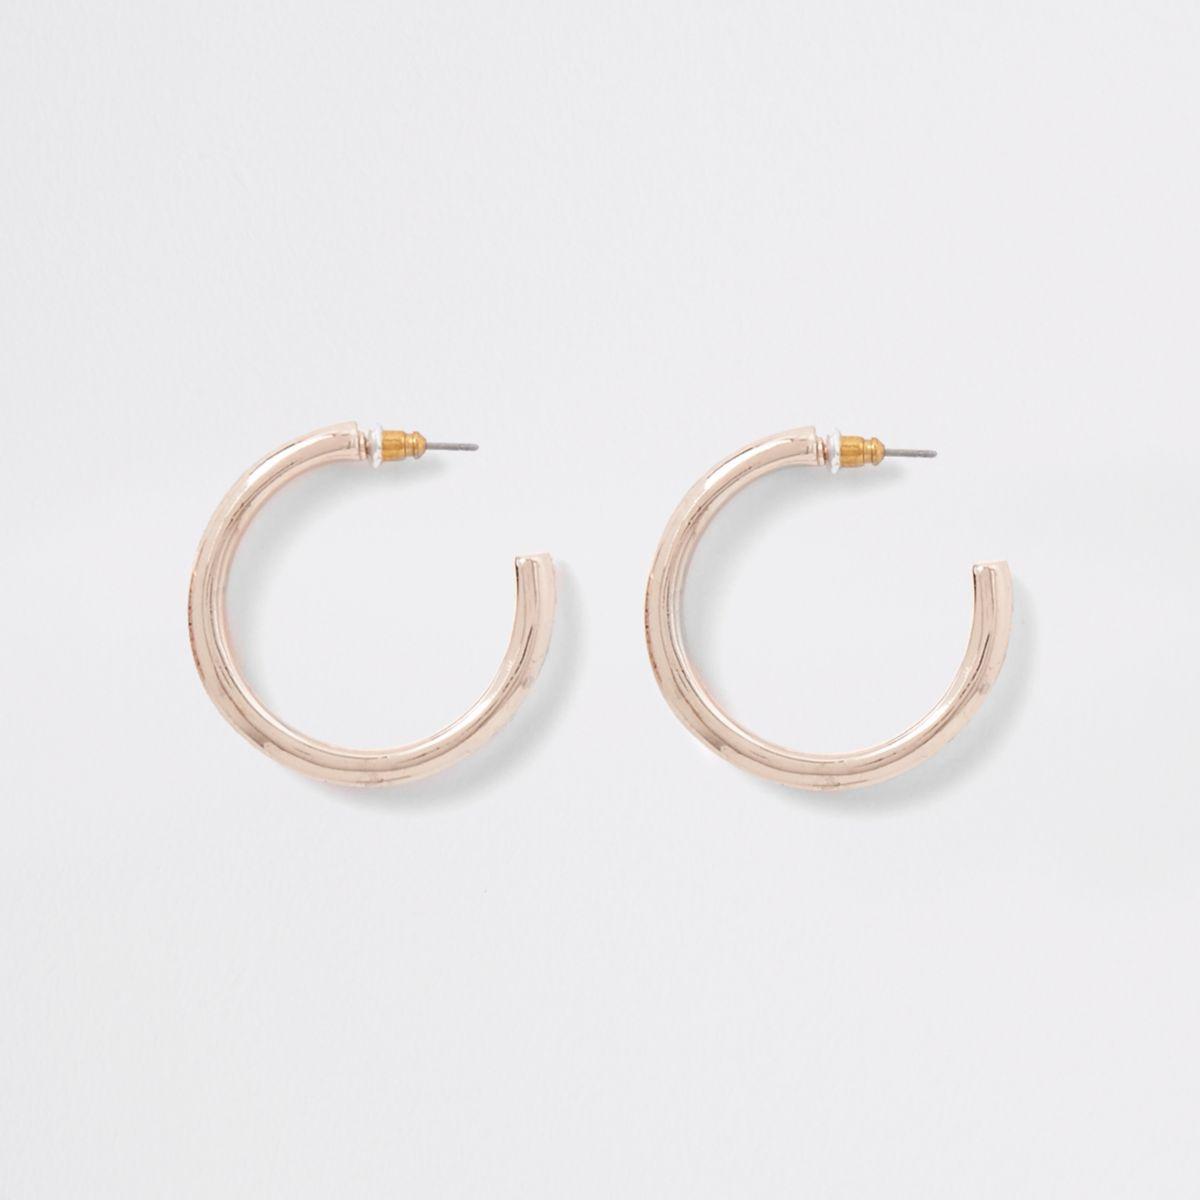 Rose gold diamante pave hoop earrings